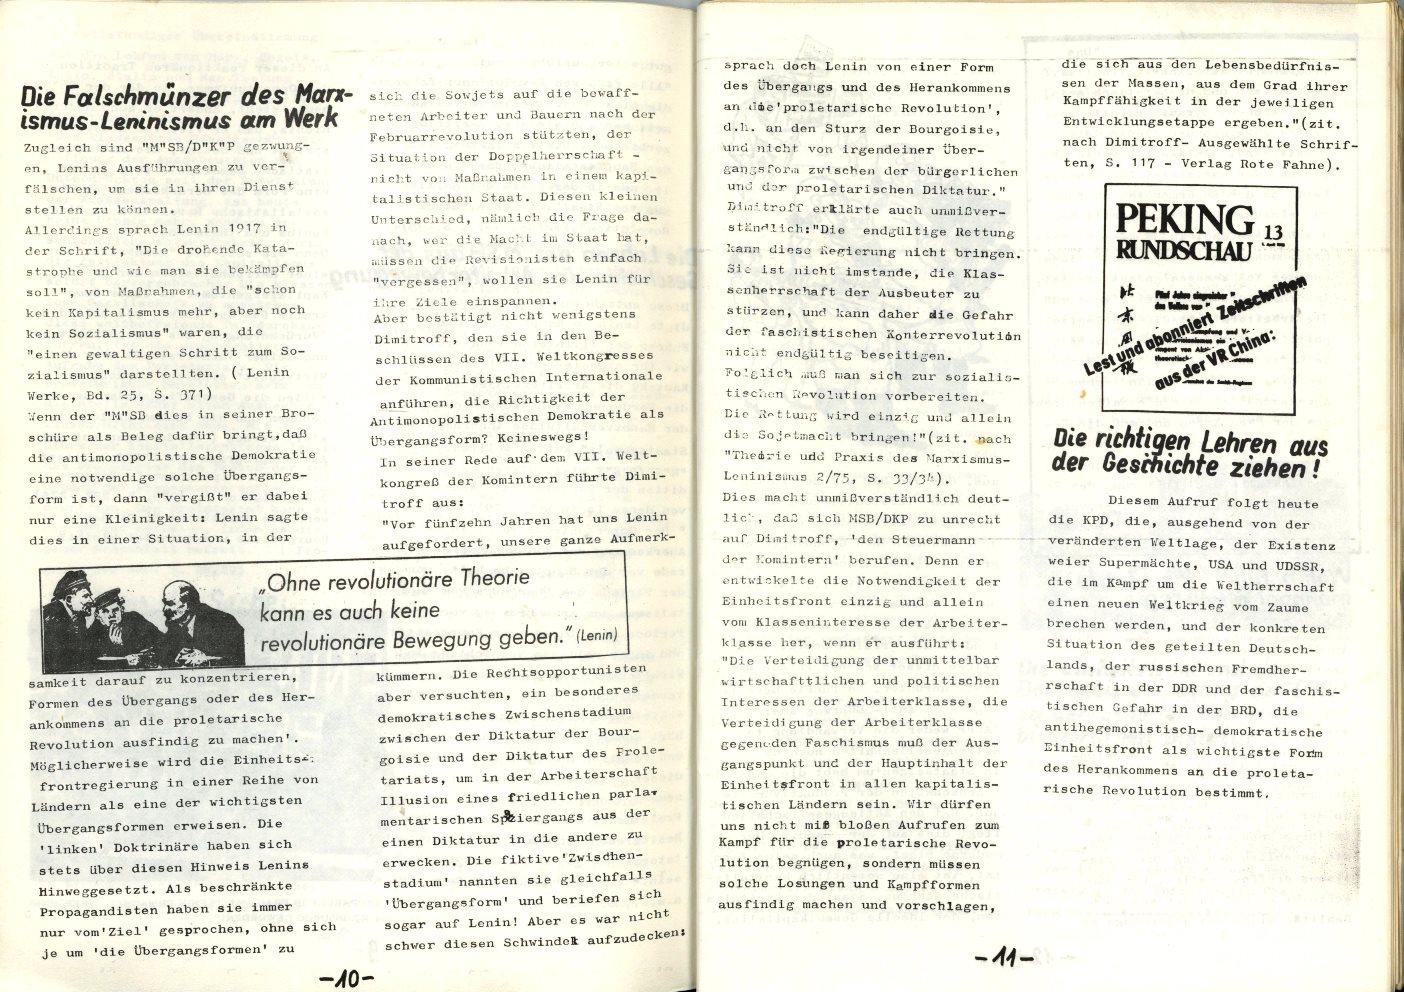 NRW_KSV_1977_Doku_zu_den_AStA_Wahlen_Nr_2_06